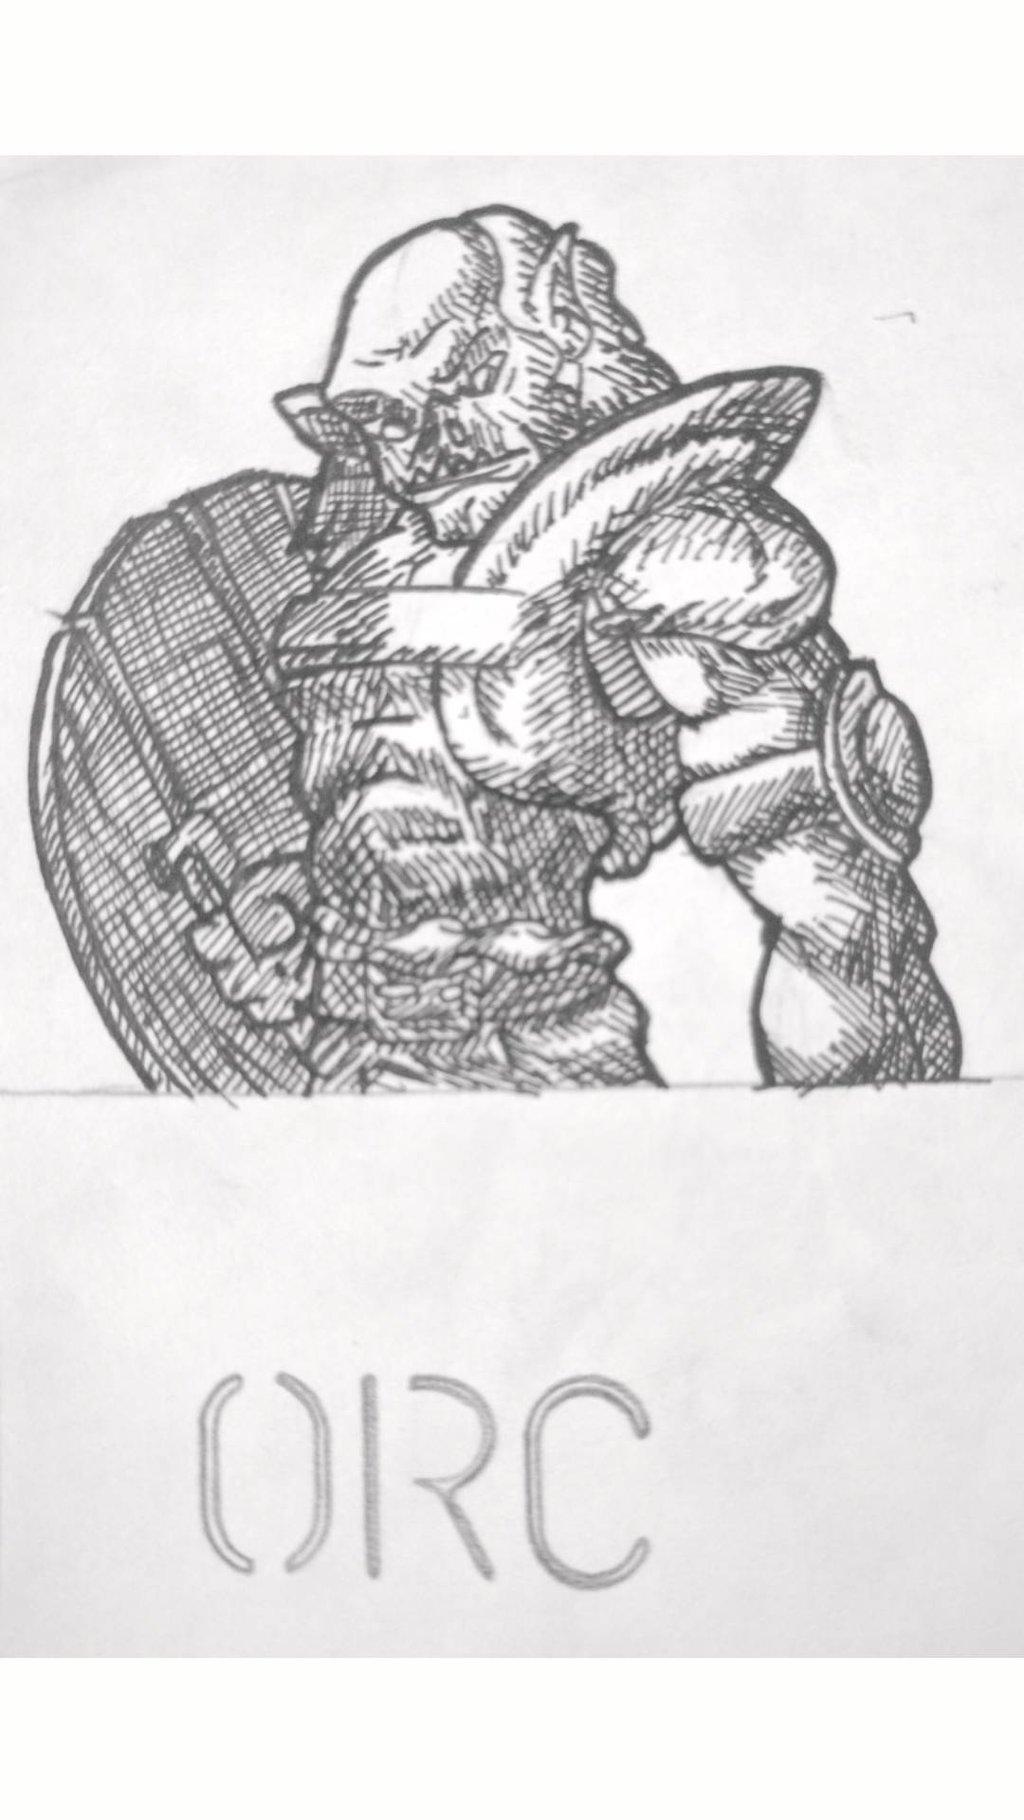 Drawn orc white DallinLemon DeviantArt by Drawn by